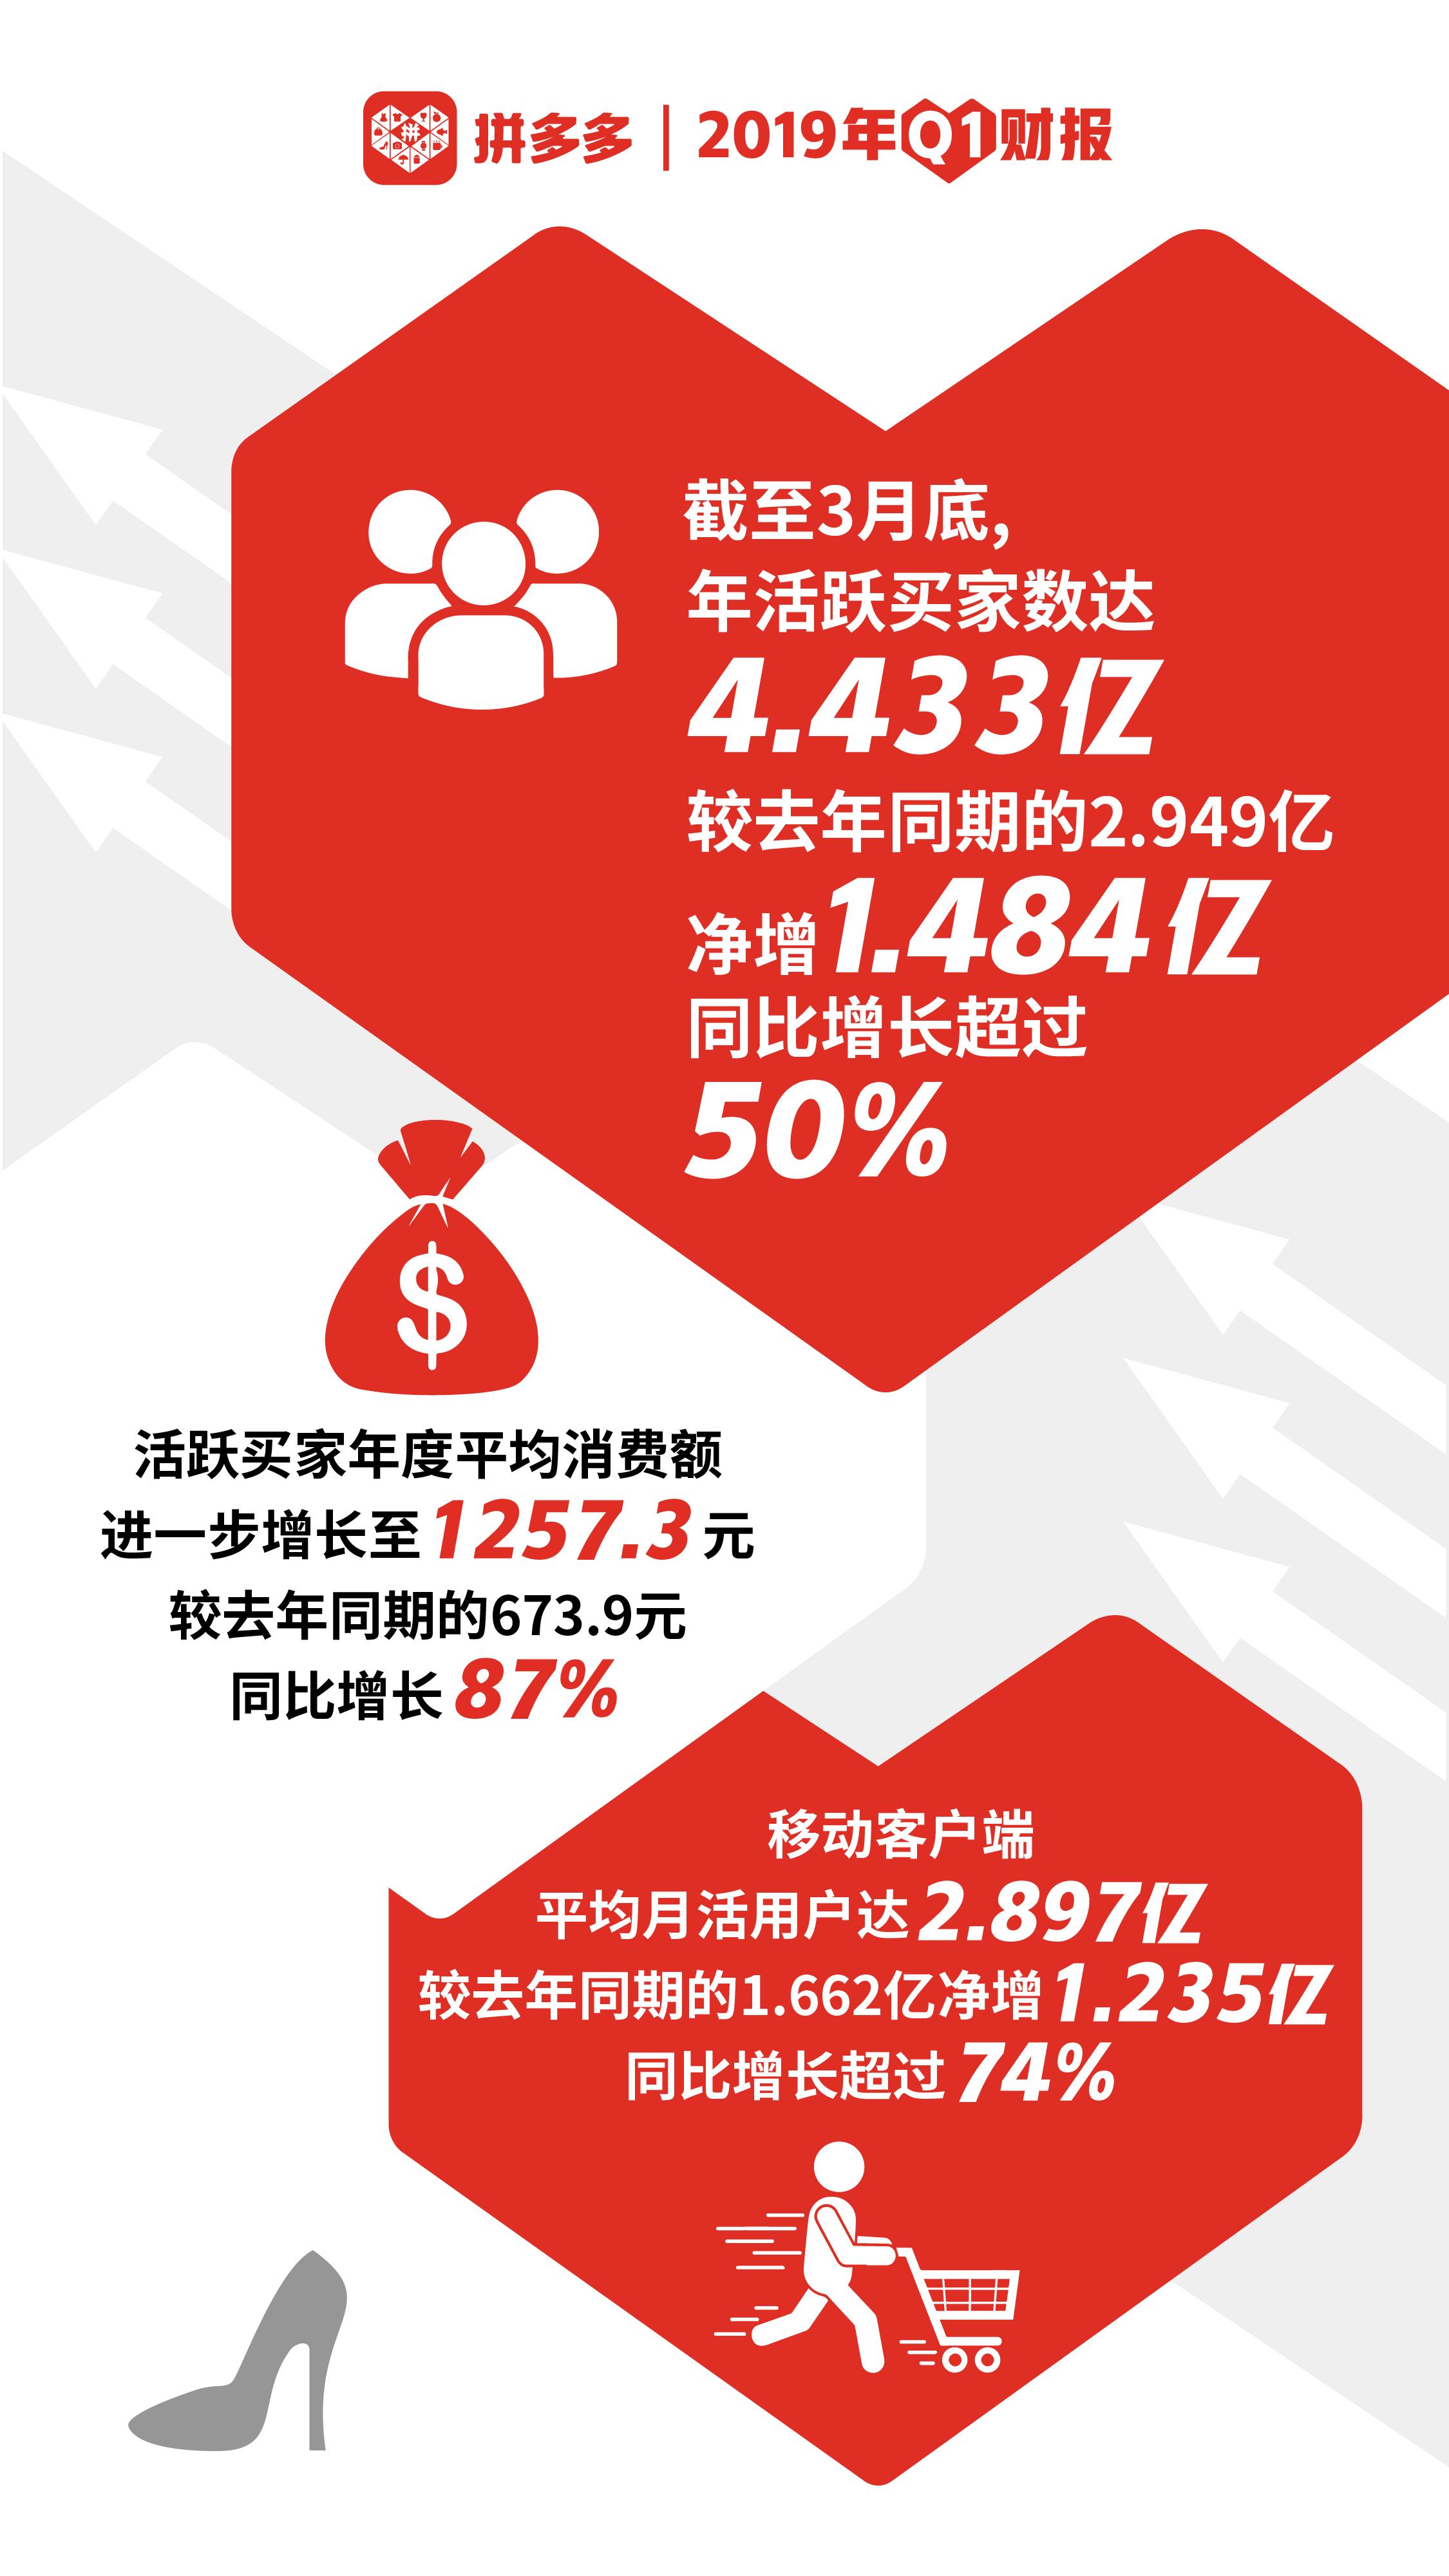 拼多多公布2019 Q1财报:不止3亿,现在是4亿人都在用的购物APP